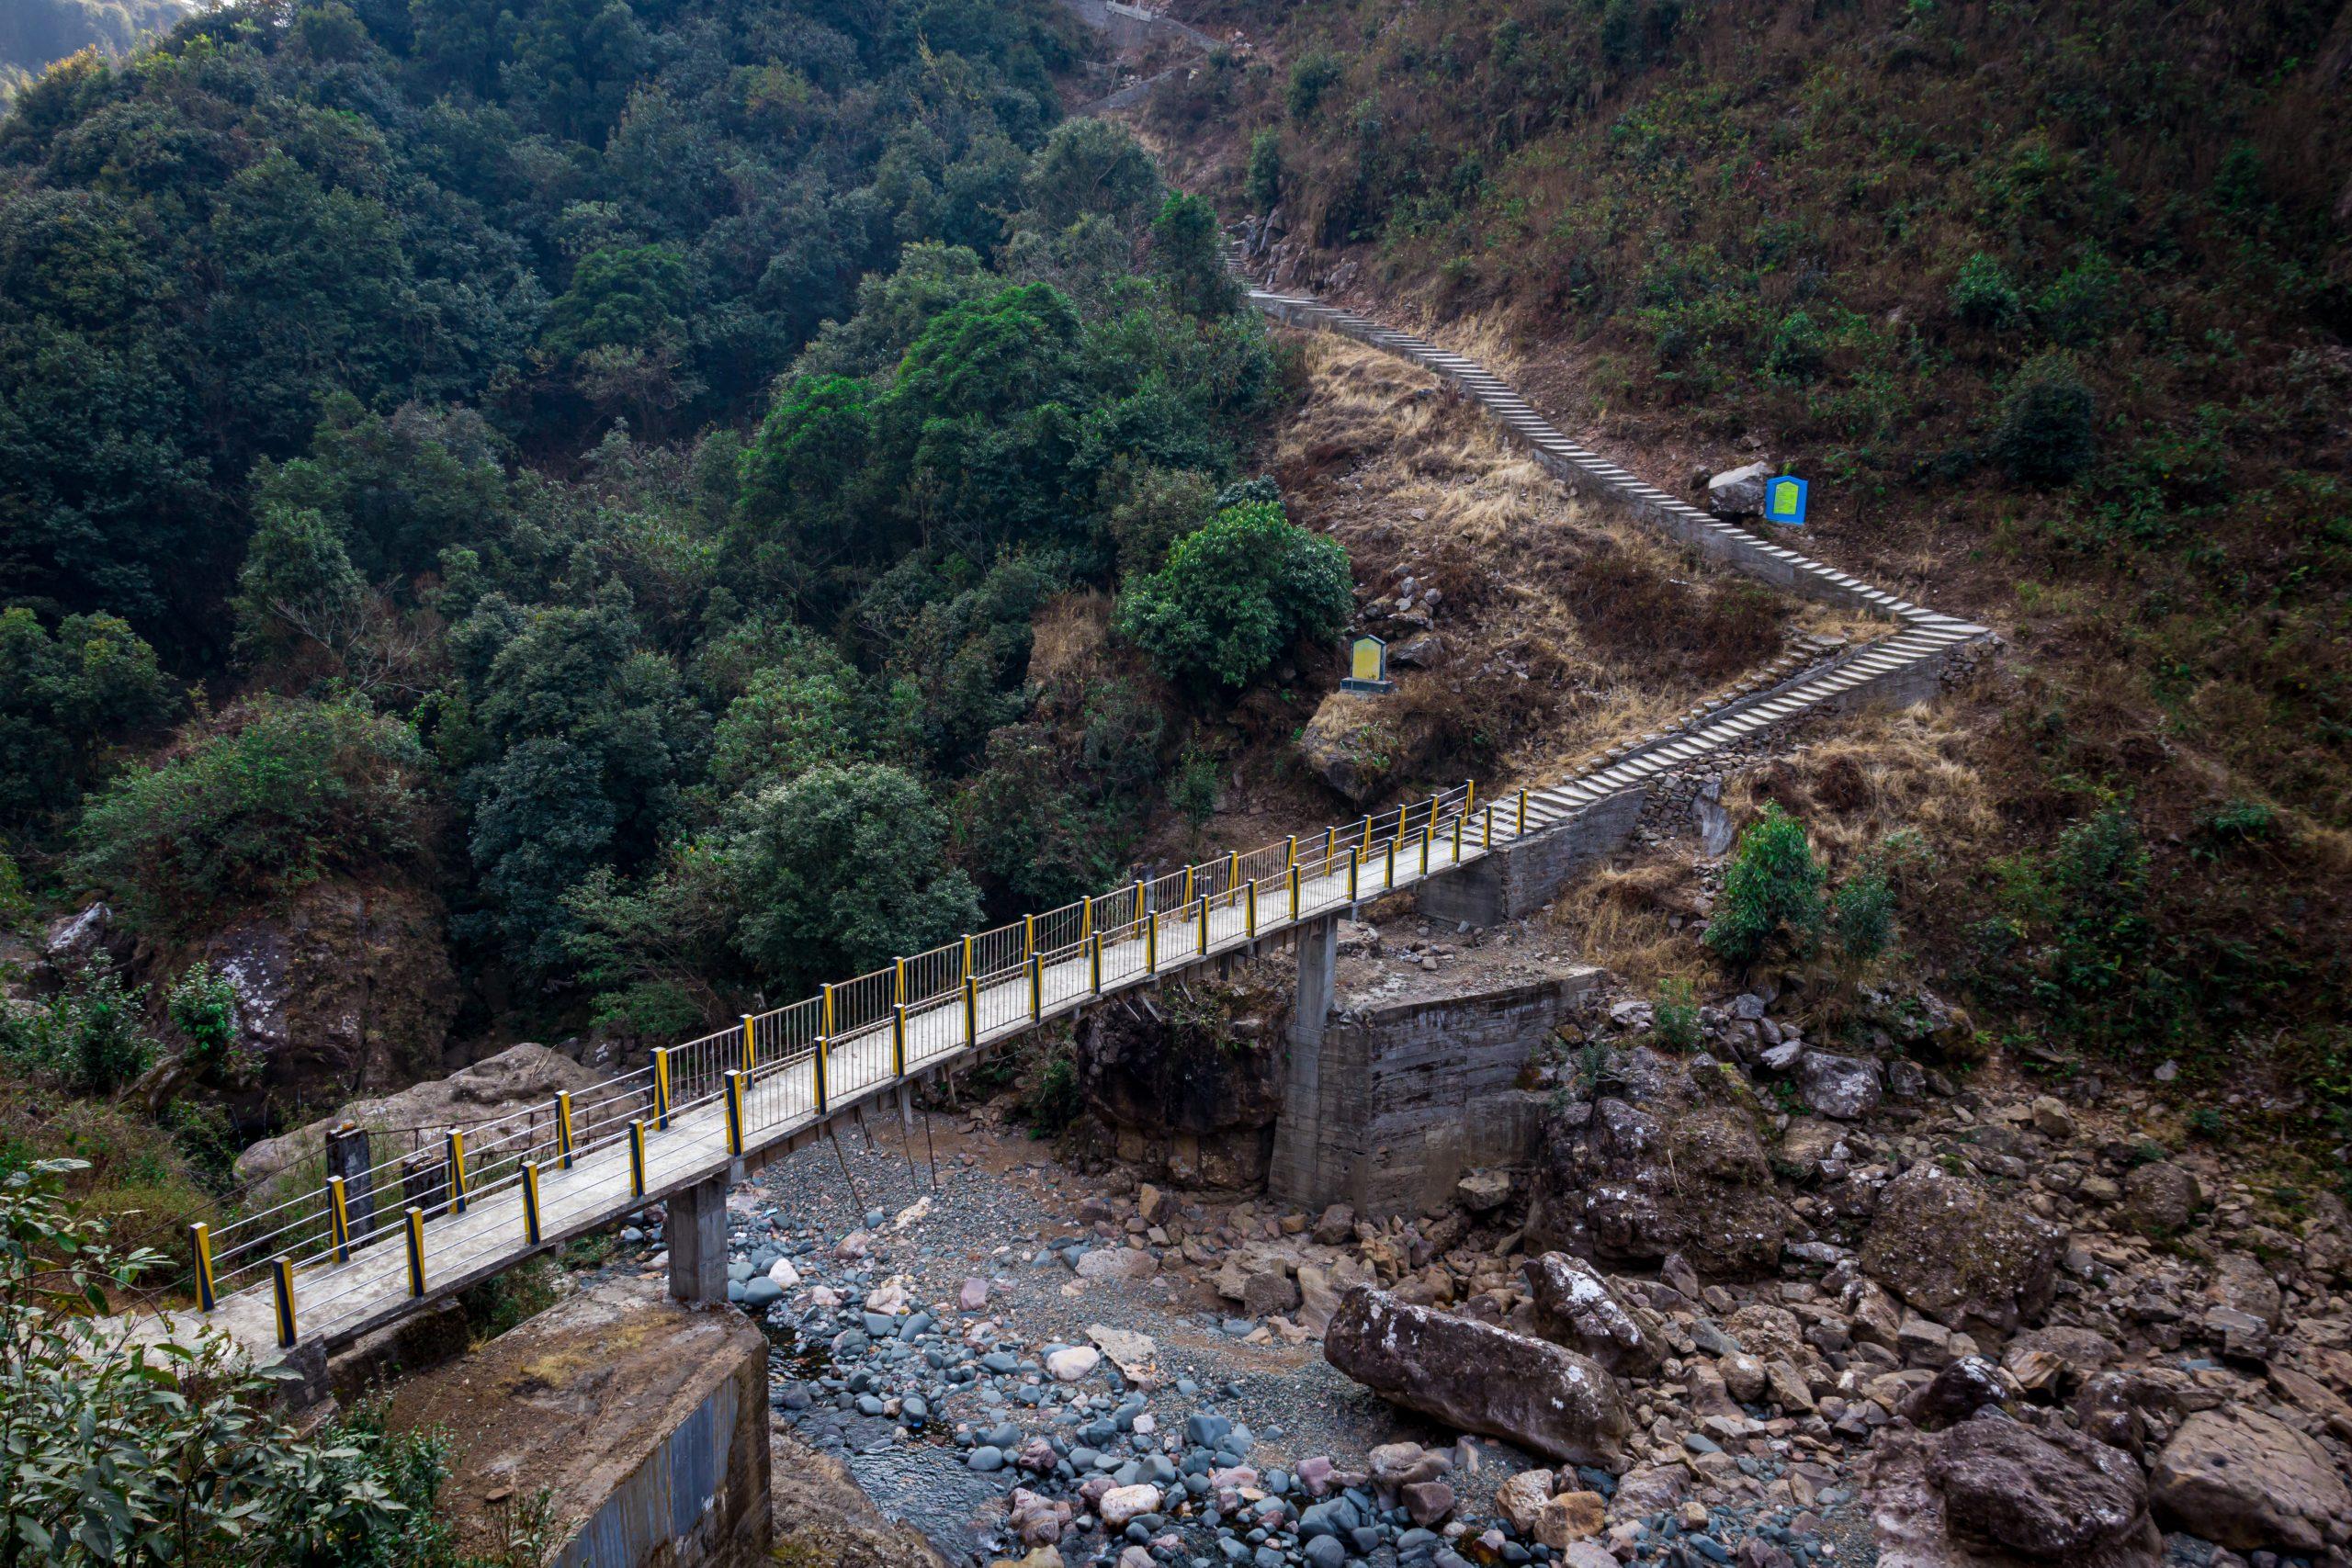 A bridge connecting mountains